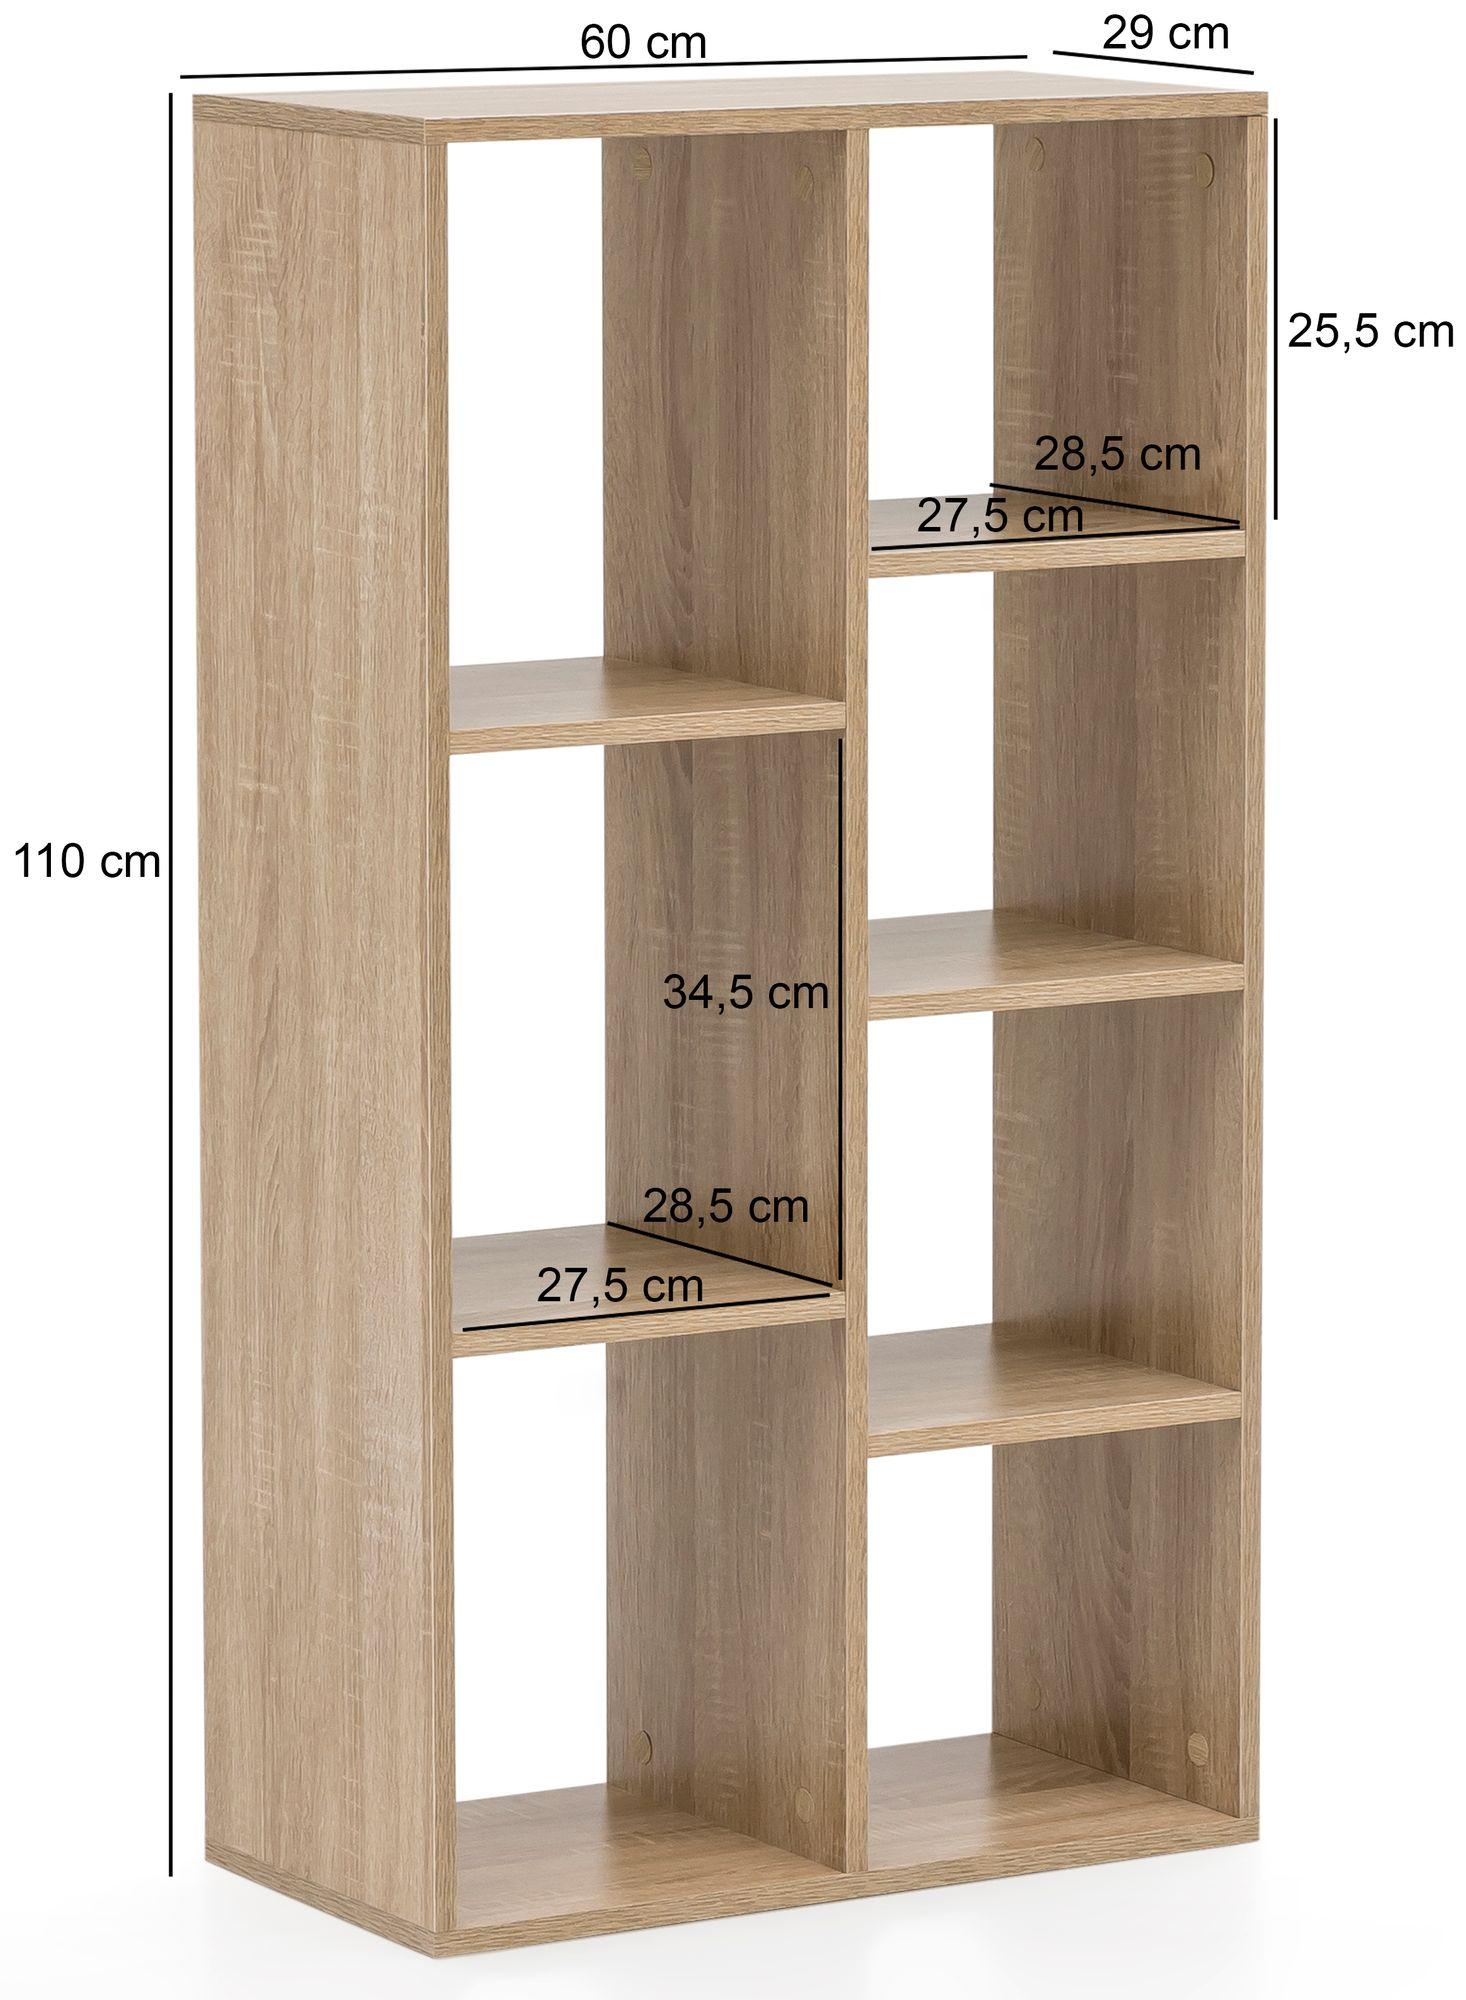 Full Size of Regal Hoch Wohnling Bcherregal Wl5907 Sonoma 60x110x29cm Standregal 7 Für Getränkekisten Schuh Glasböden Tv Regale Weiß Hochschrank Küche Kleiderschrank Regal Regal Hoch